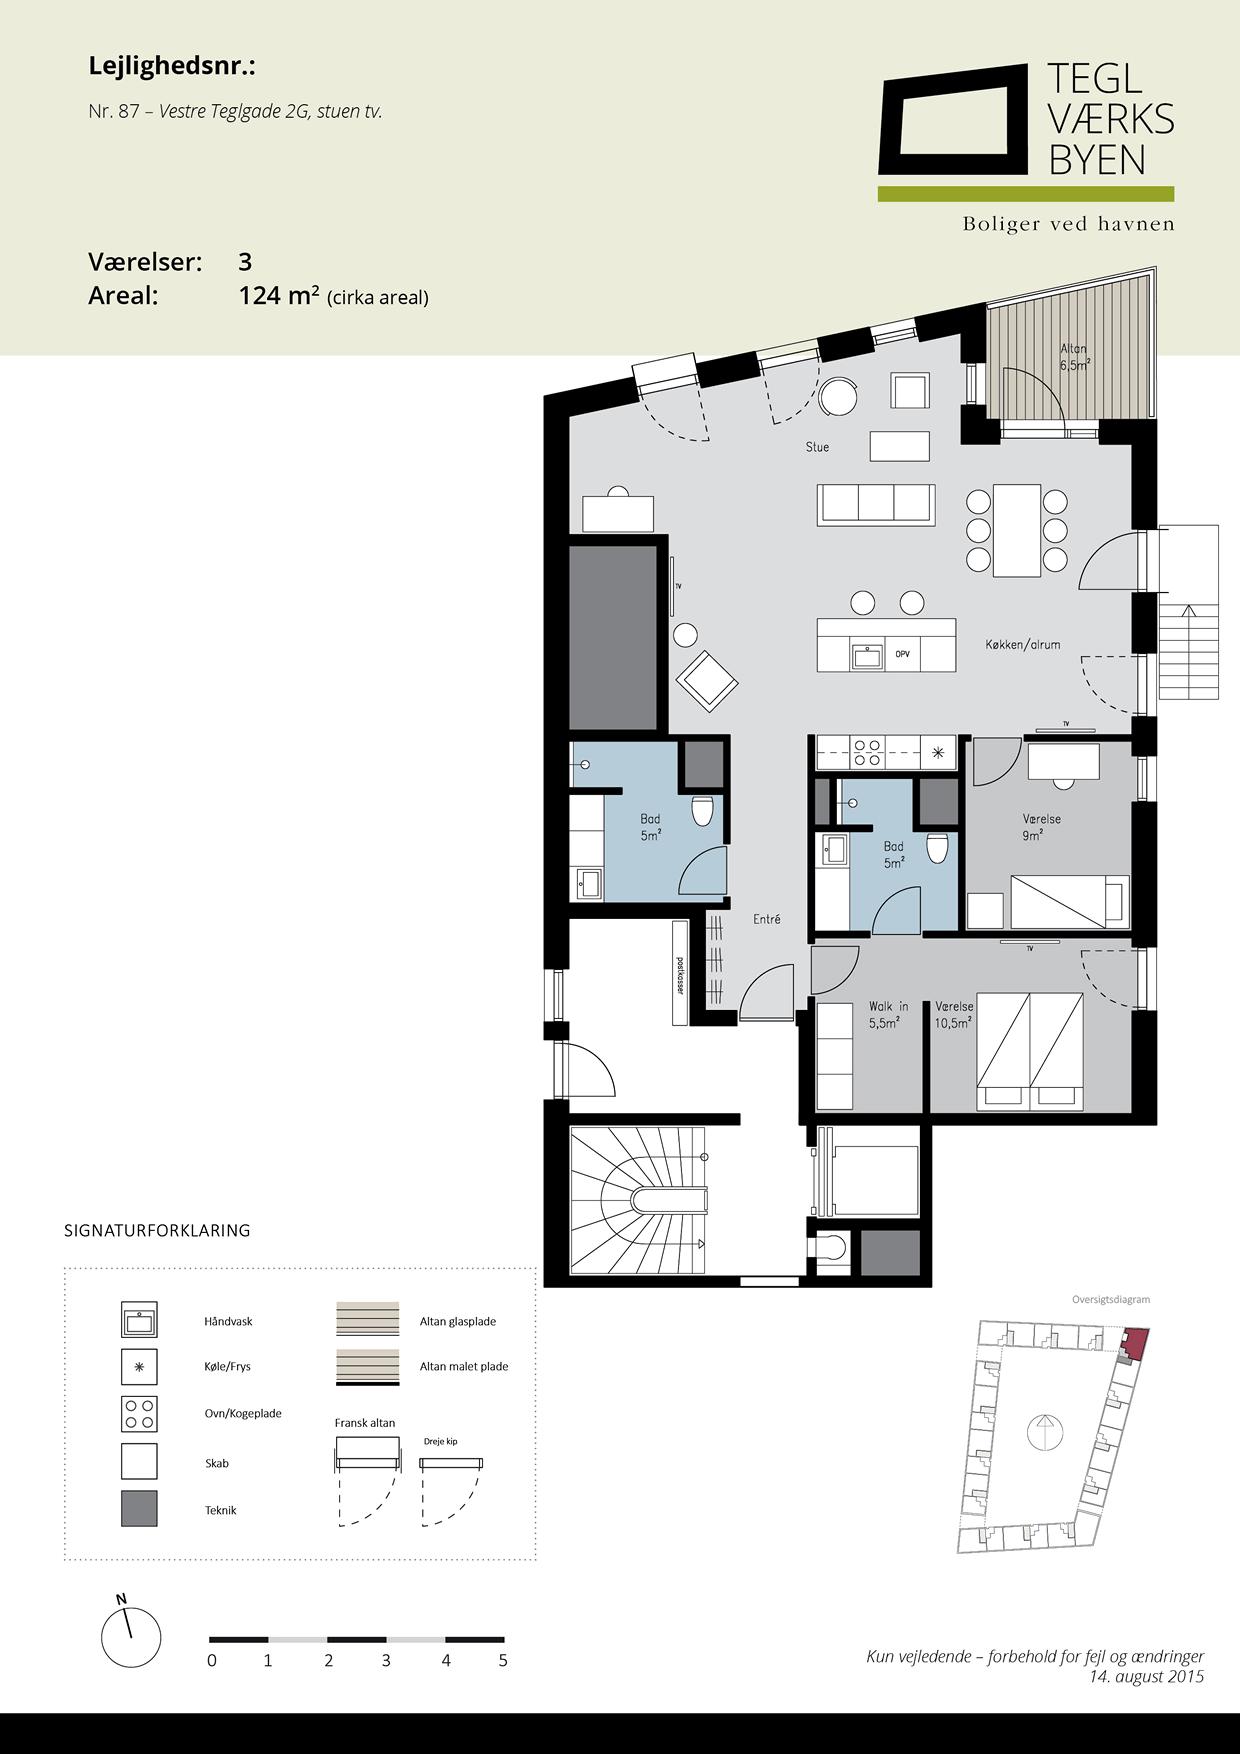 Teglvaerksbyen_87_plan